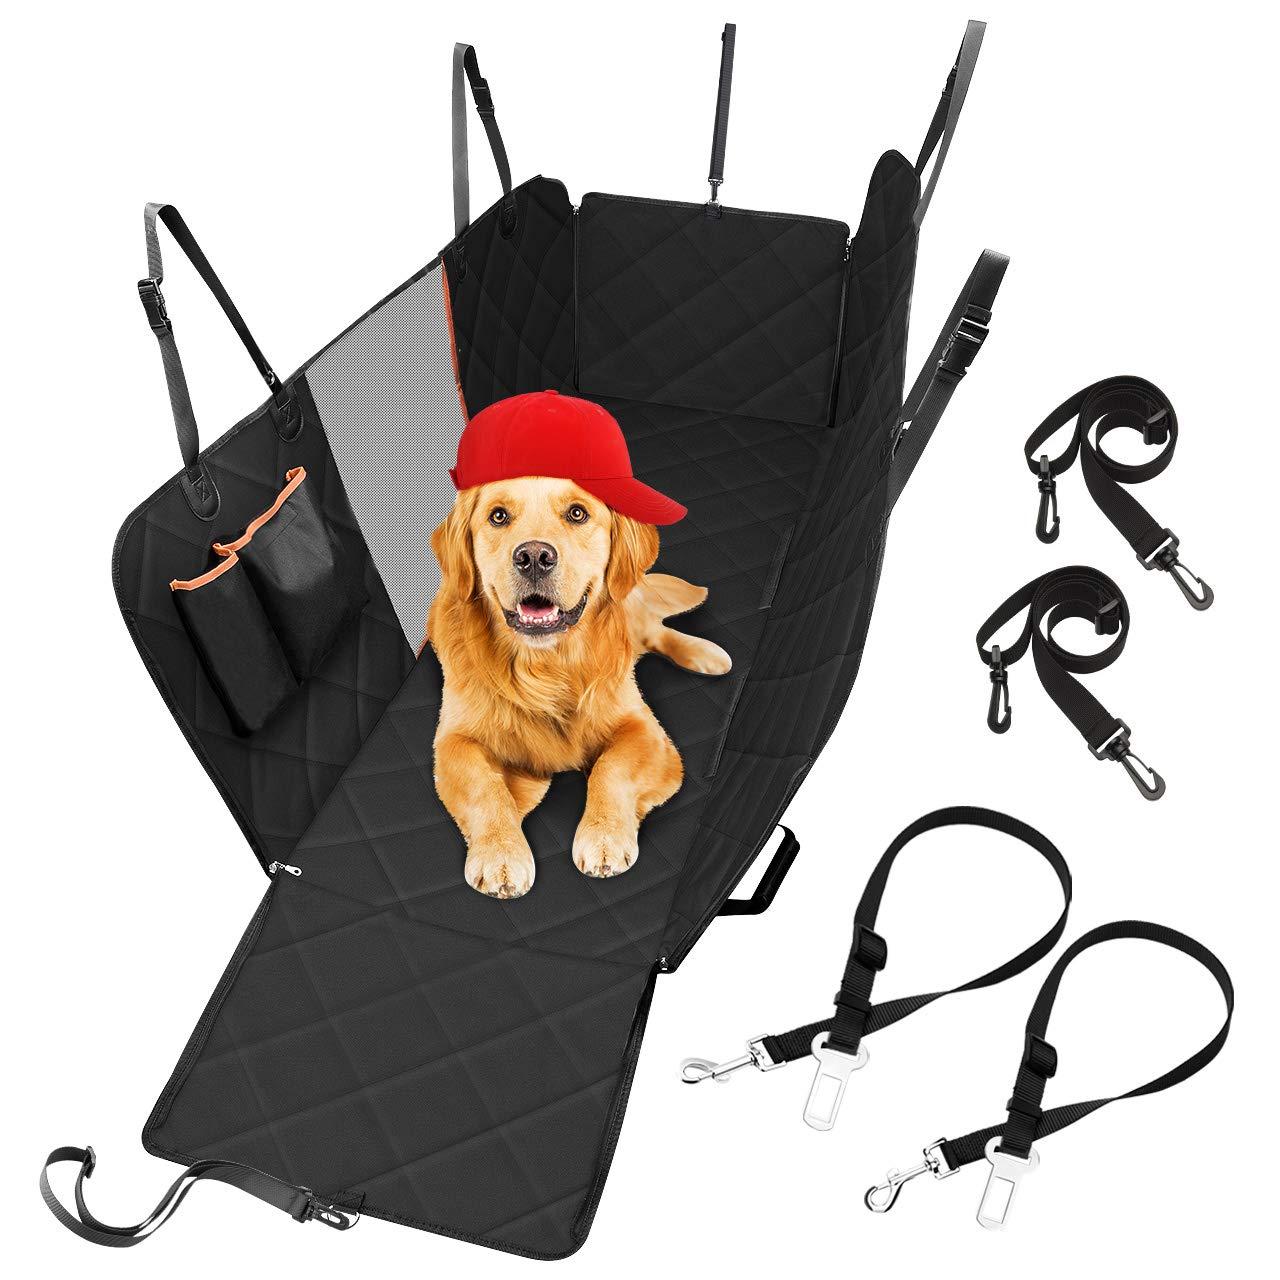 【Dimensione universale】 Coprisedile per cane protezione panchina 147 x 137 cm con finestra visiva in rete in tessuto Oxford 600D cintura di sicurezza//tasche di stoccaggio//ancoraggi per sedile